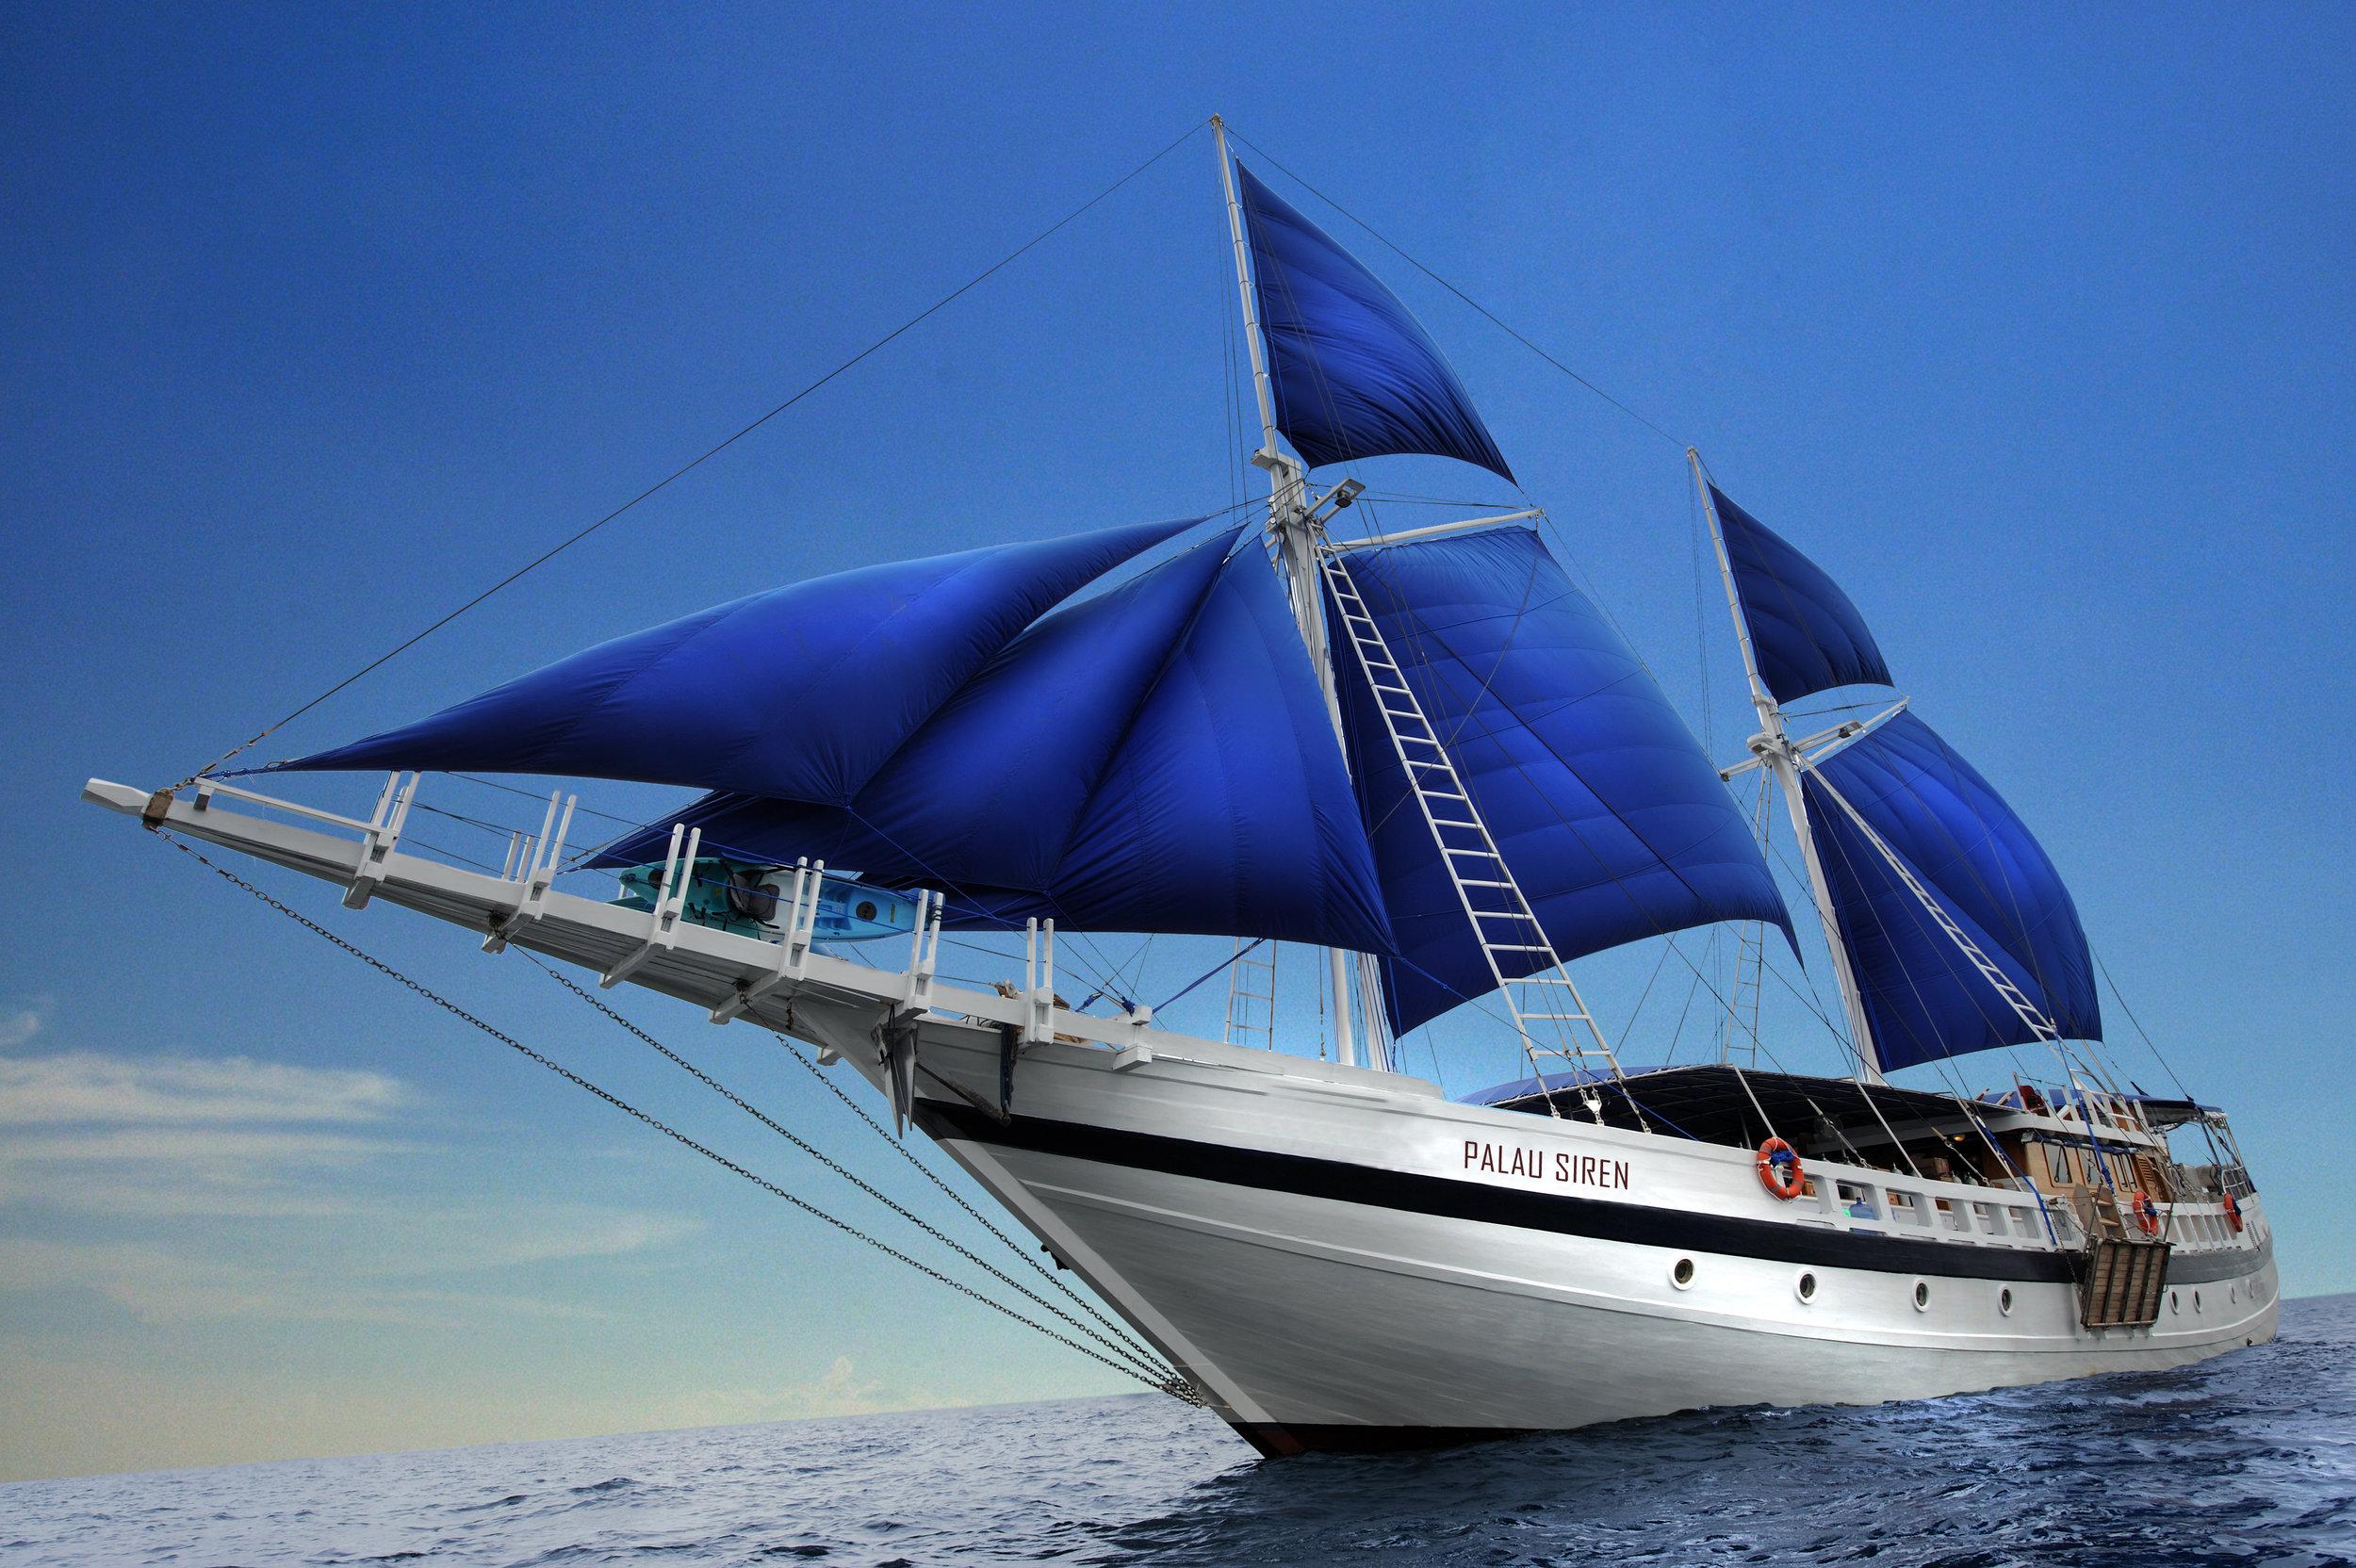 PLW_Palau Siren © WWDAS 0193.jpg